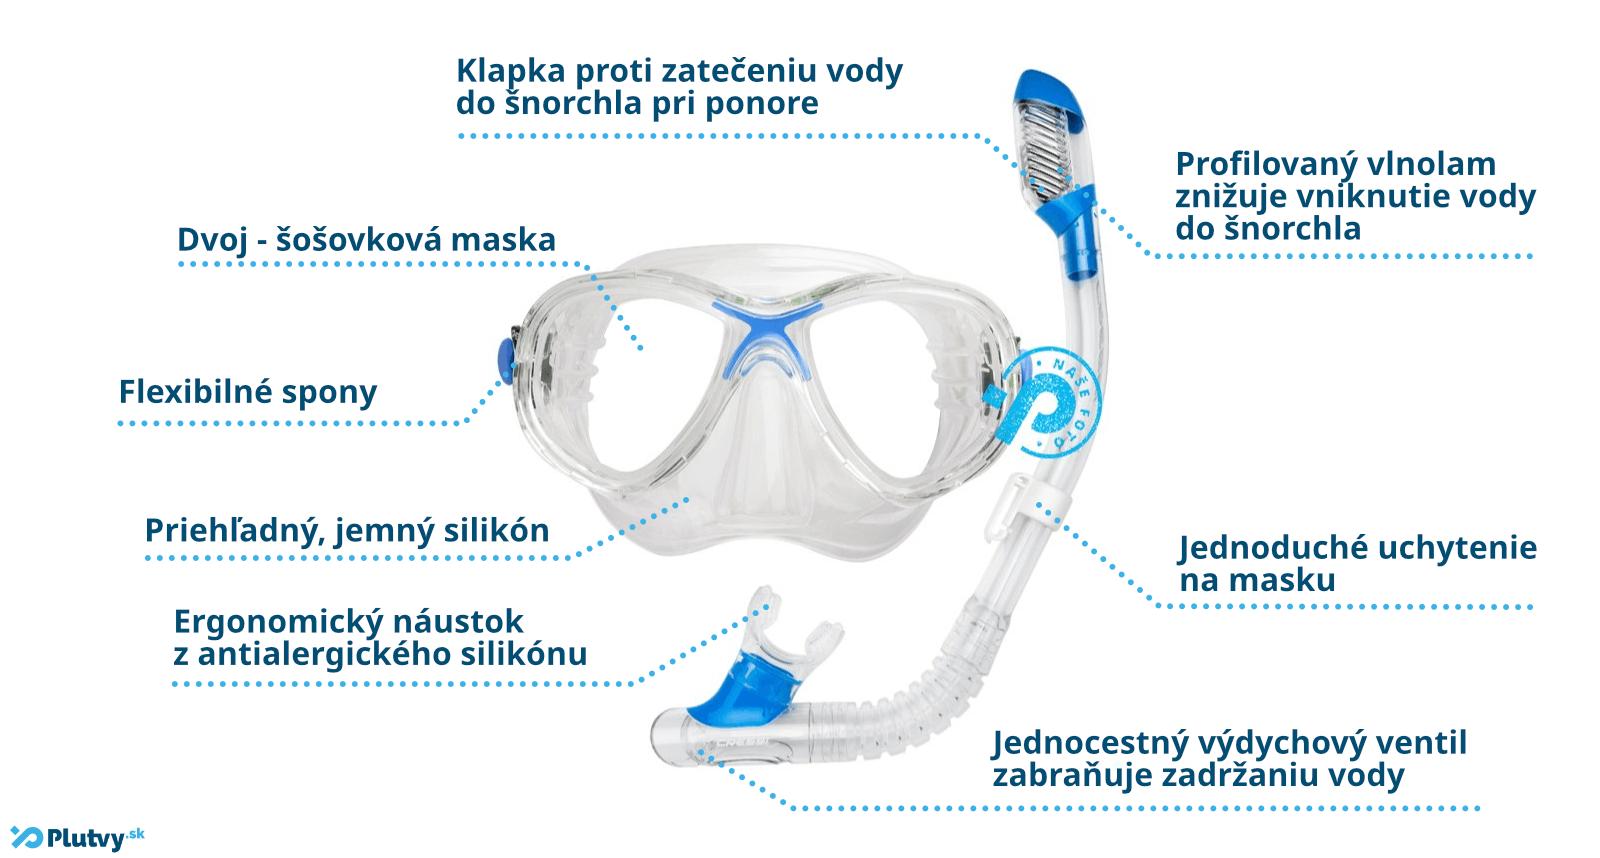 najbezpecnejsi-snorchlovaci-set-pre-deti-cressi-marea-dry-plutvy-sk